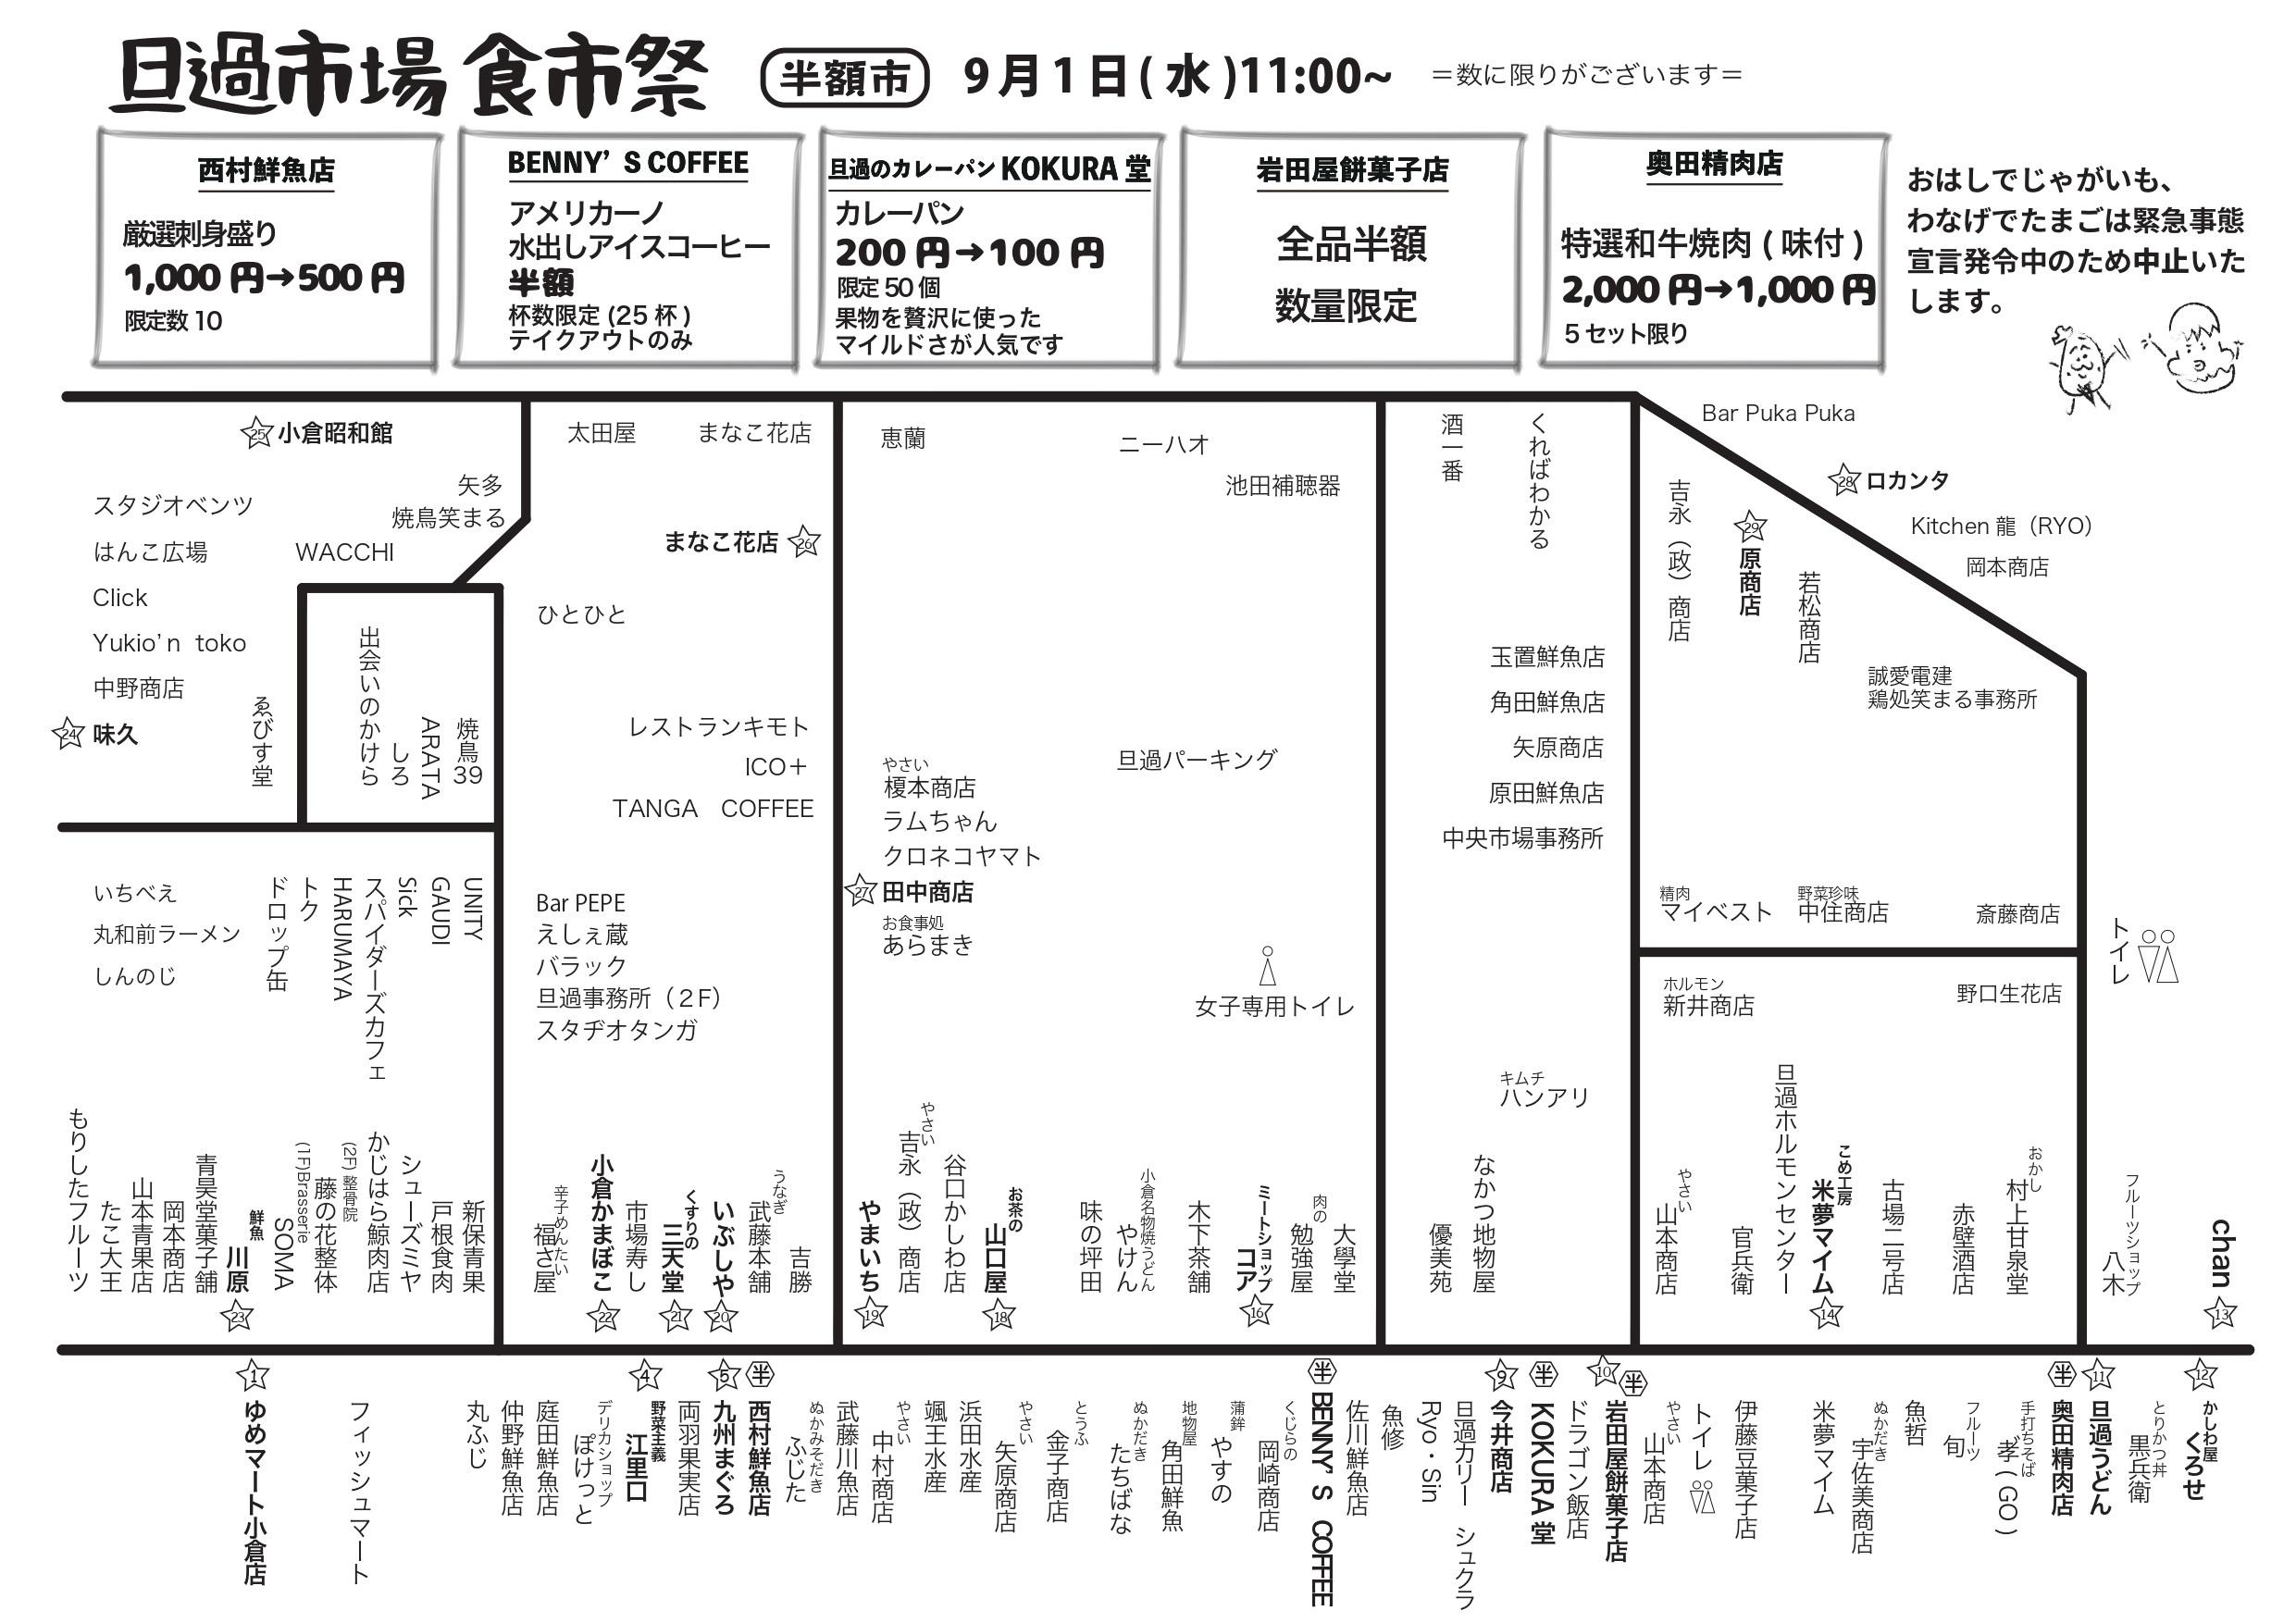 shokuichisai_2021-09-1